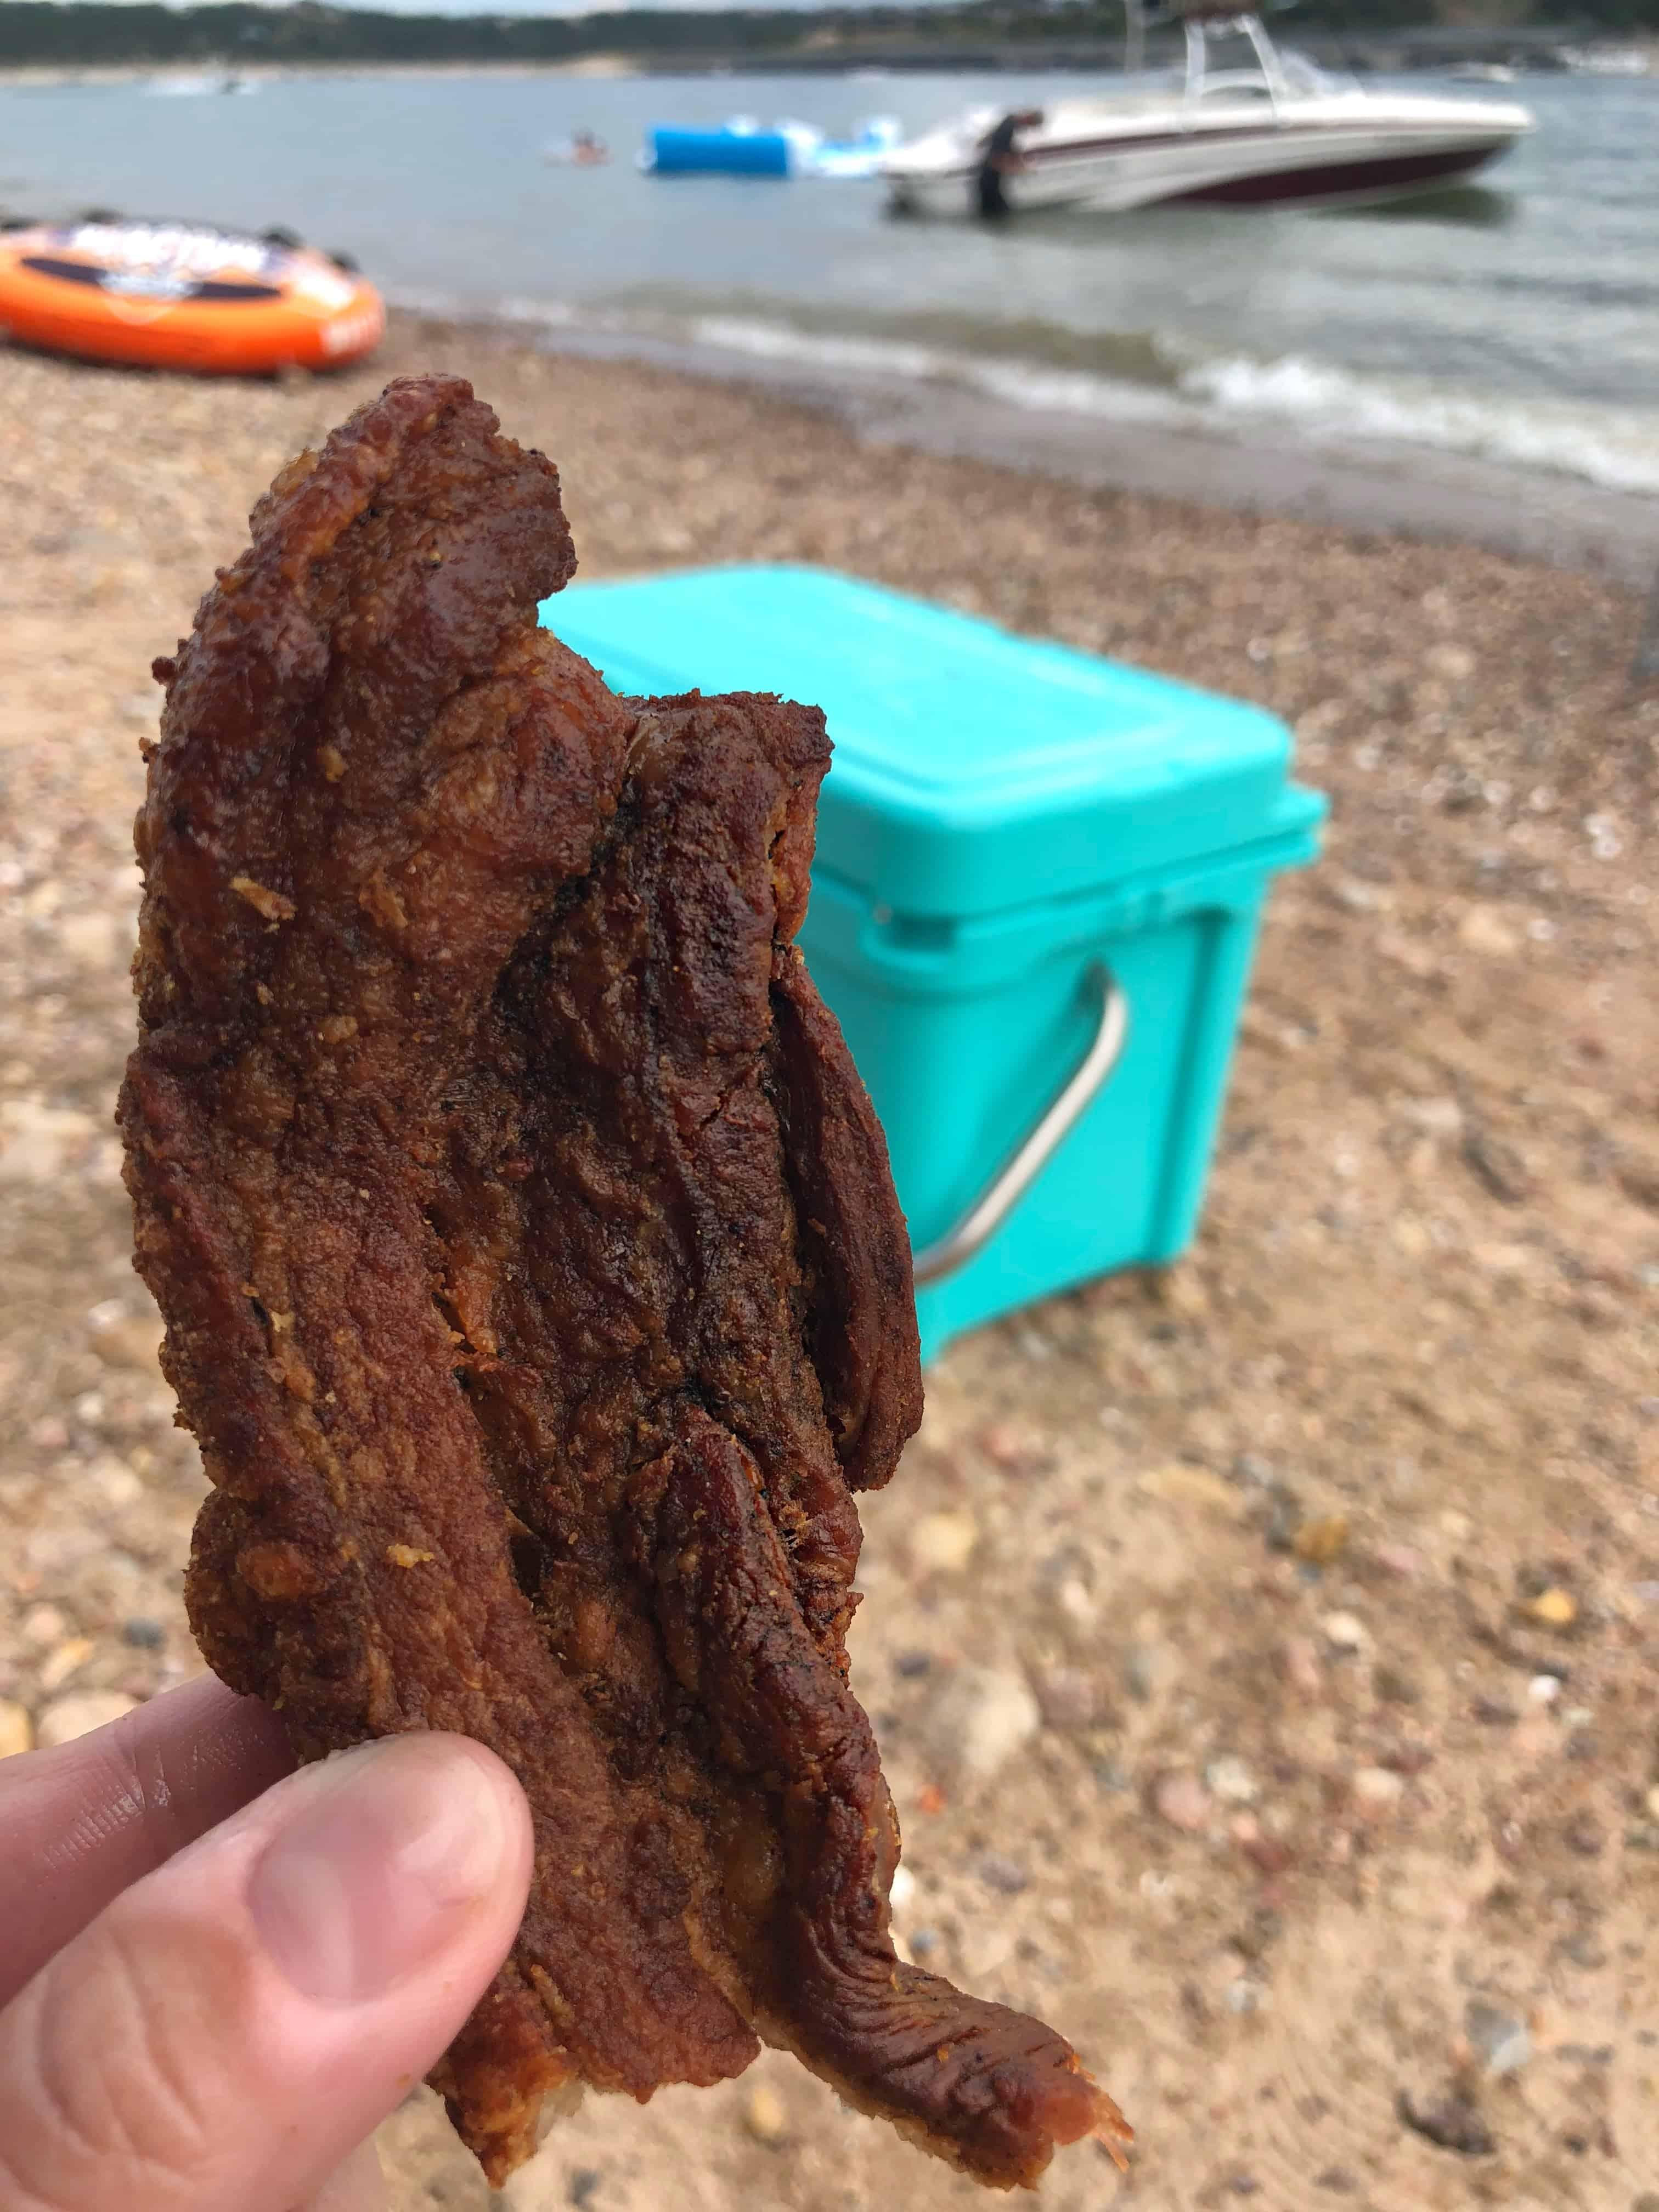 Fried pork skins as a keto snack on the go.